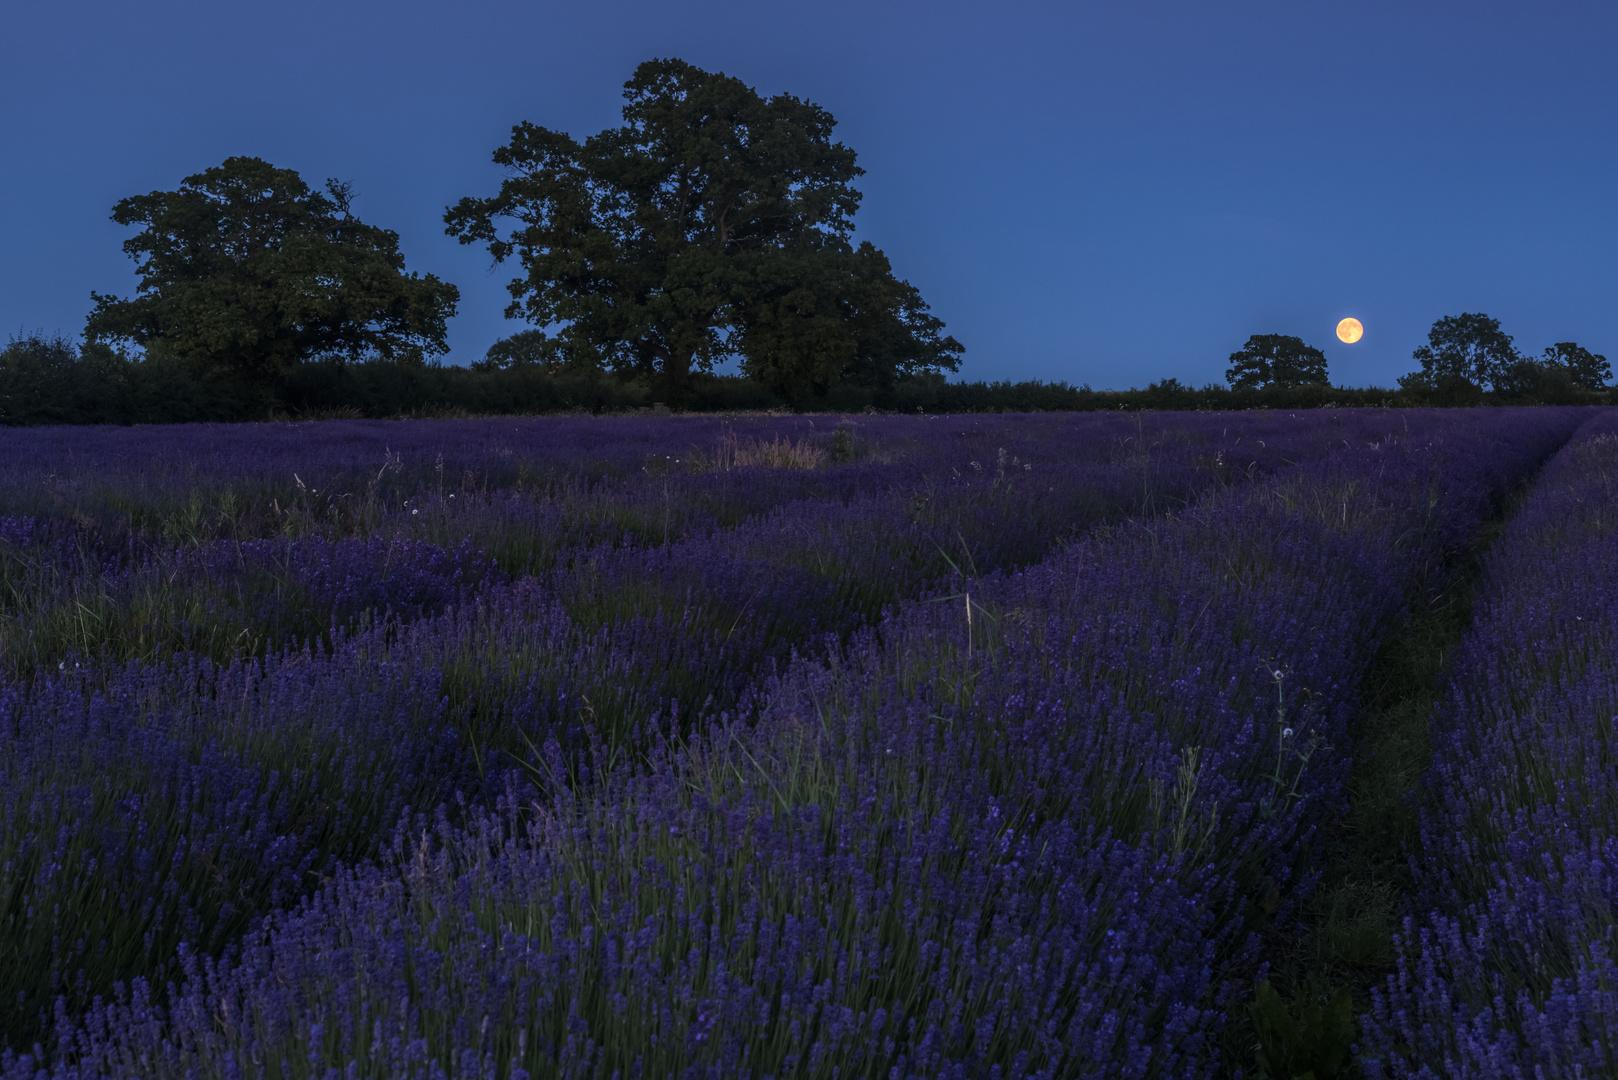 *full moon over lavender fields*